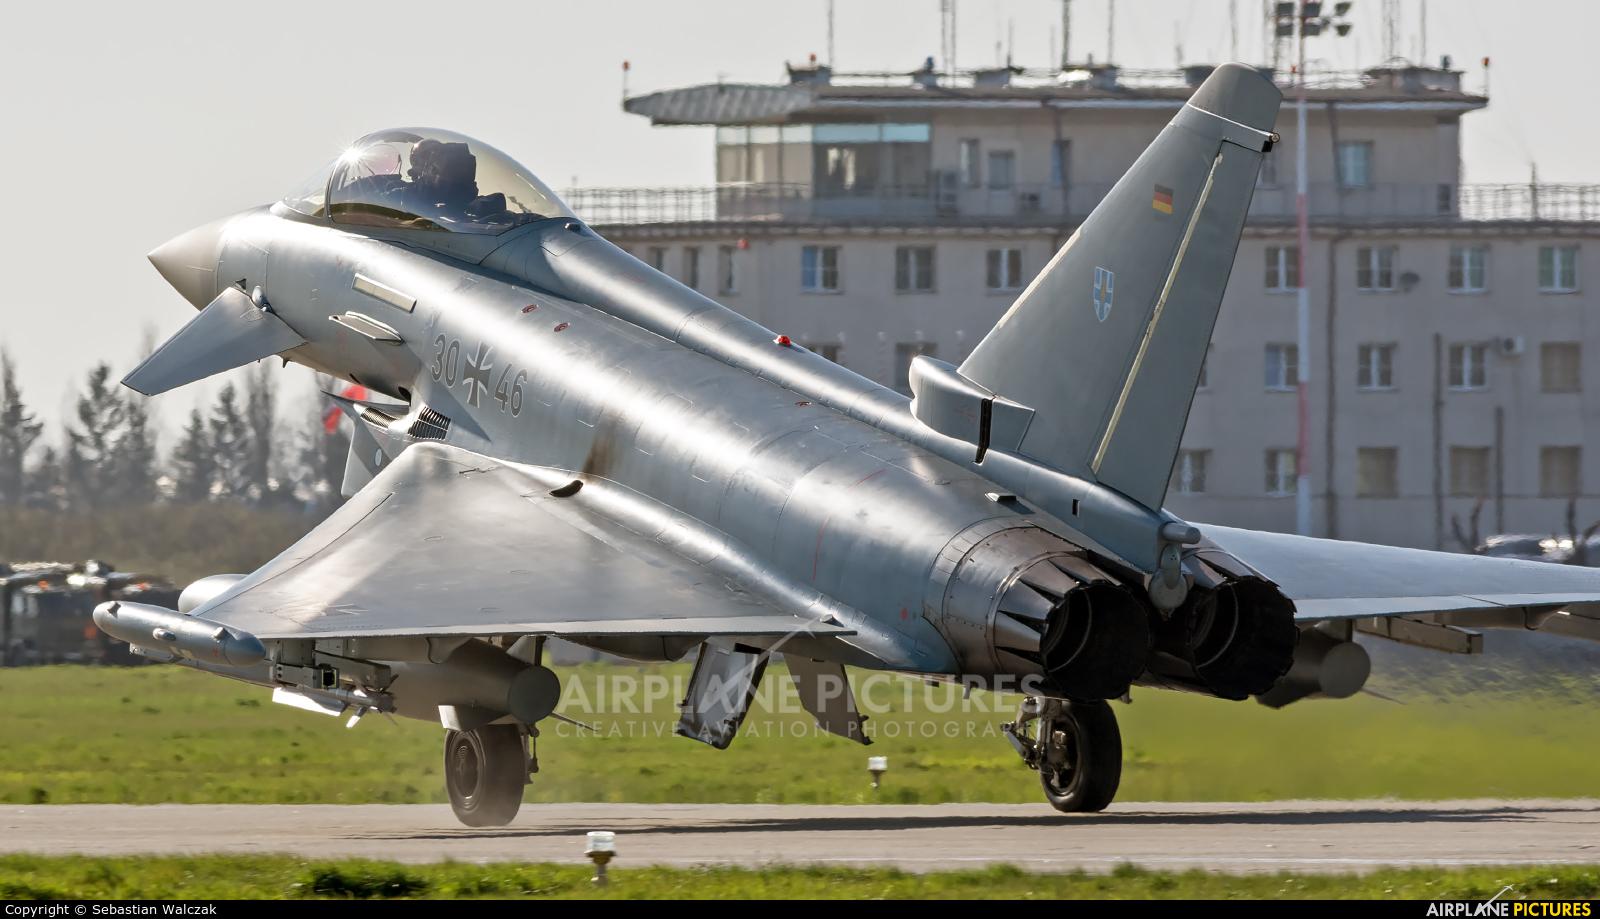 Germany - Air Force 30+46 aircraft at Malbork